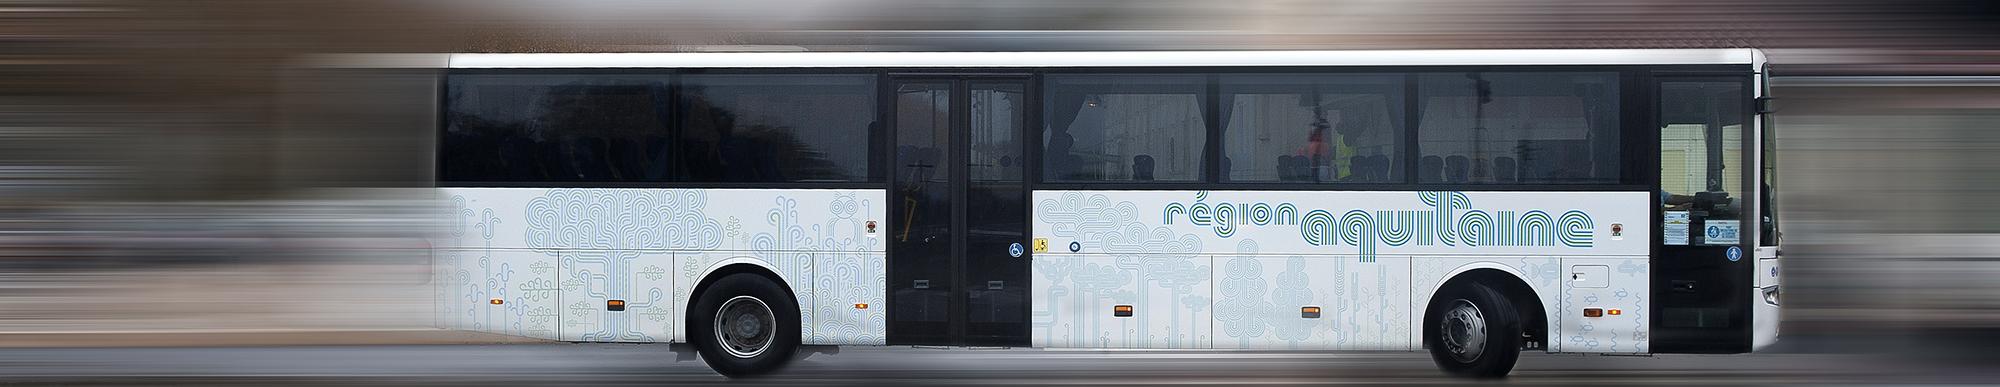 tarifs des lignes routières régionales Aquitaine